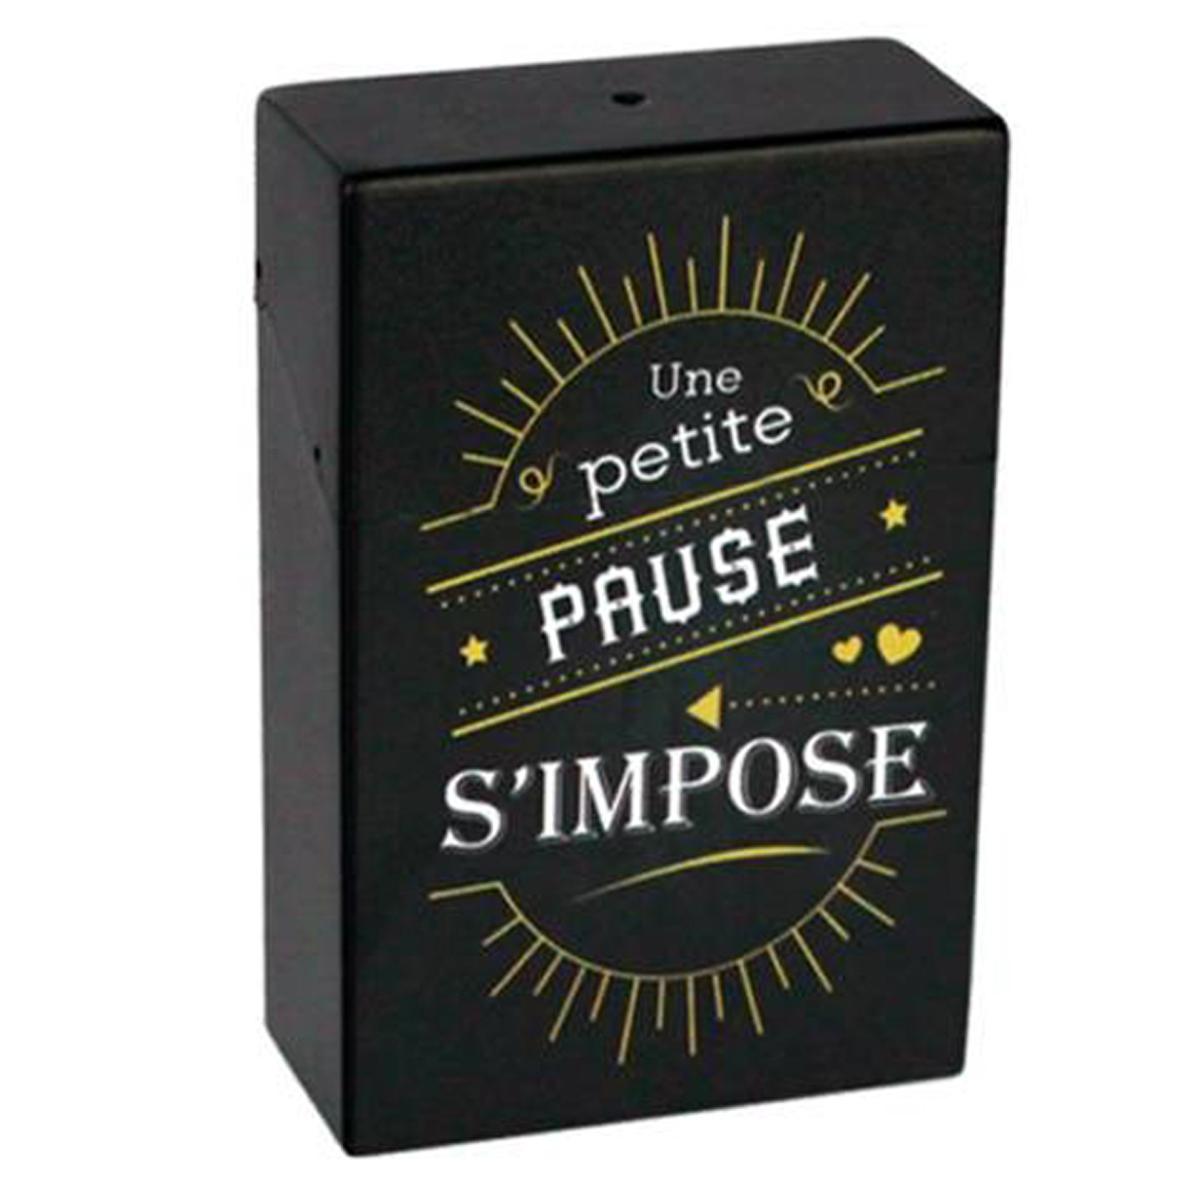 Etui à paquet de cigarettes \'Messages\' noir (Une petite pause s\'impose) - 95x60x28 mm - [Q6721]